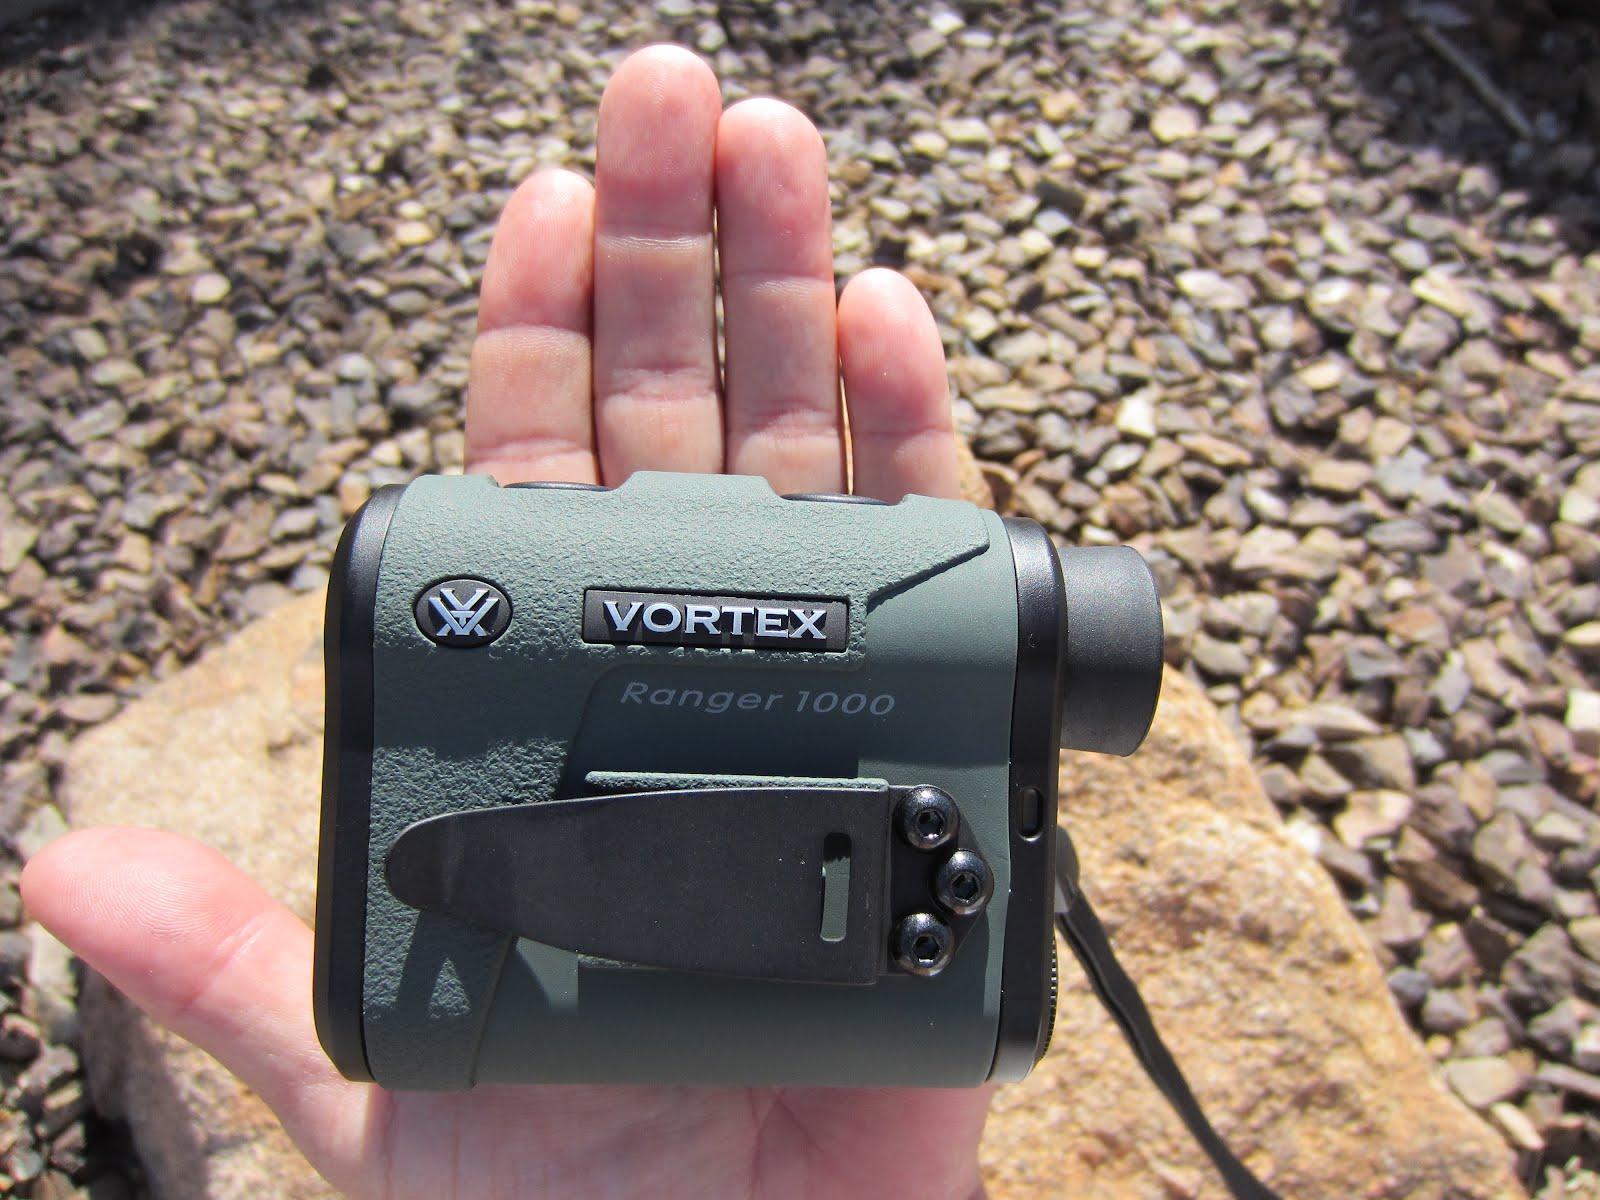 Jay Scott Outdoors: Vortex Ranger 1000 Rangefinder